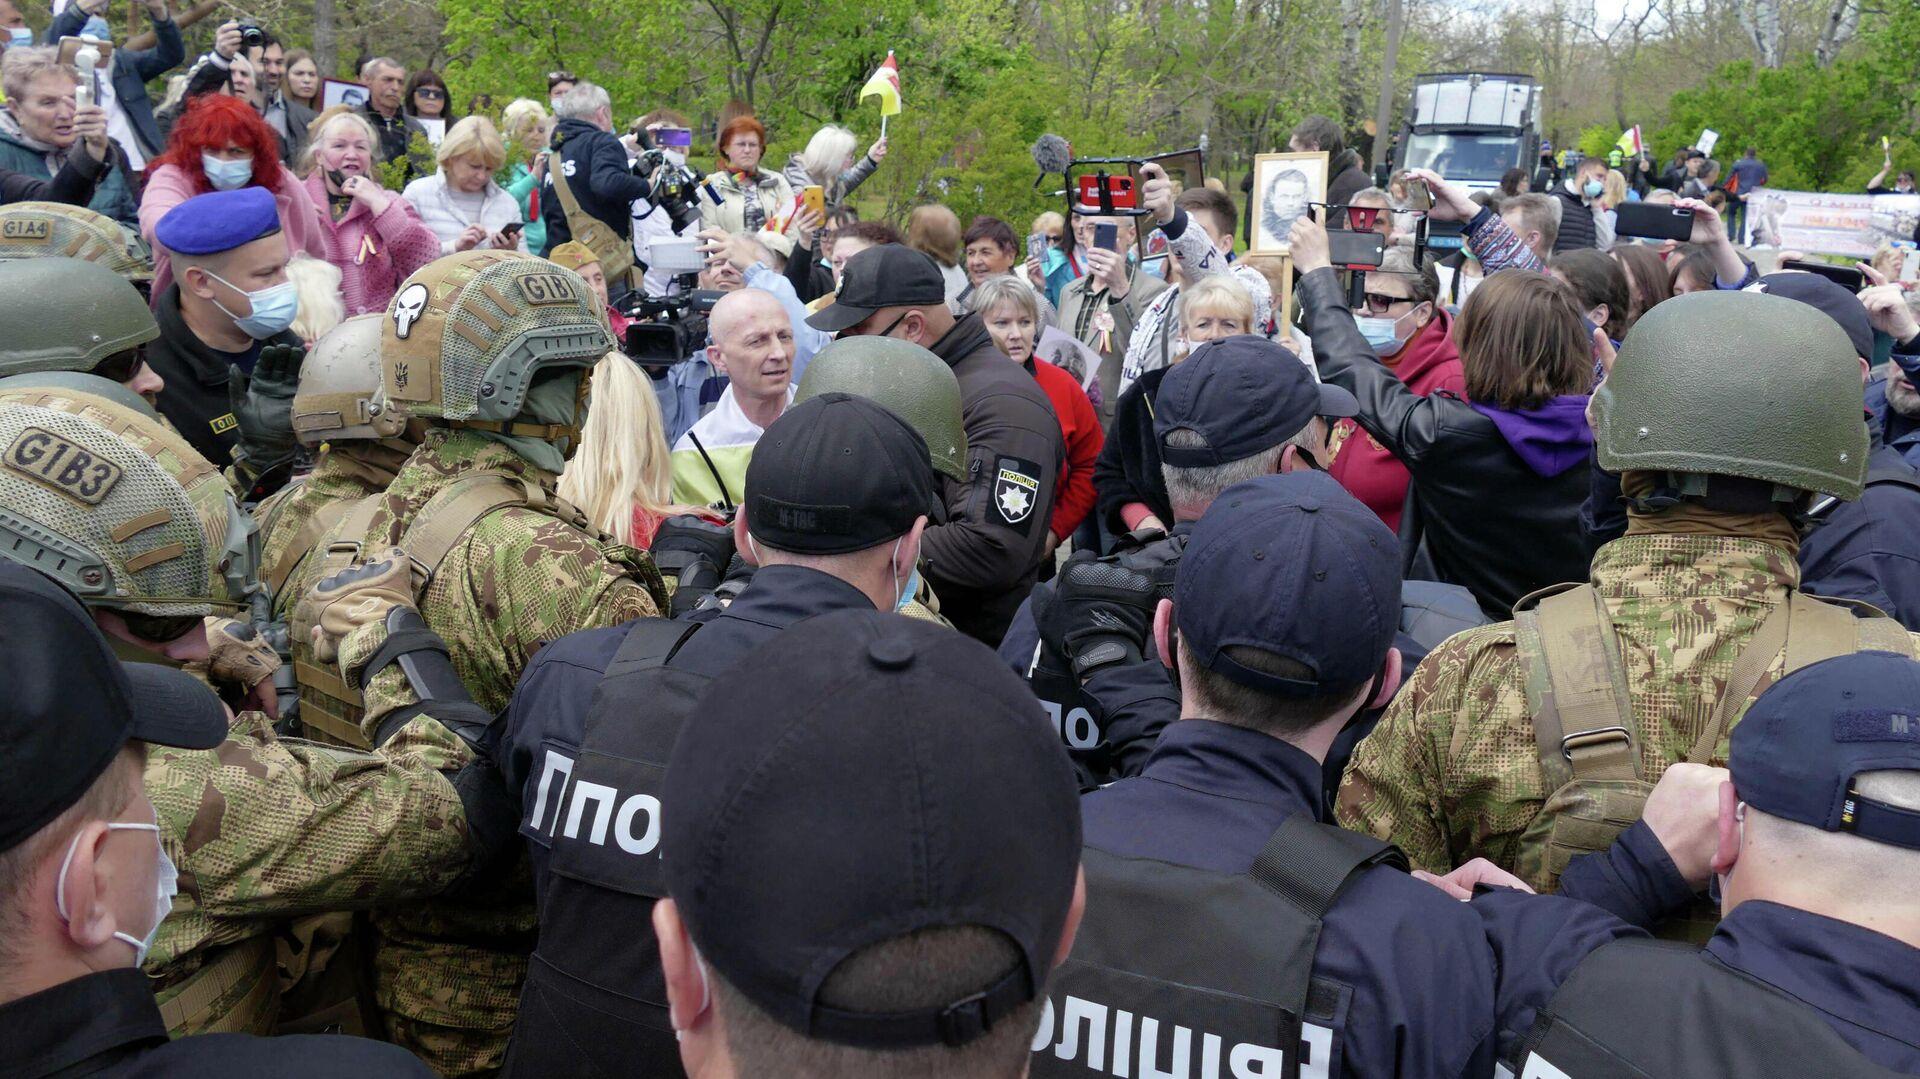 Сотрудники полиции и участники акции Бессмертный полк на аллее Славы в Одессе. 9 мая 2021 - РИА Новости, 1920, 09.05.2021